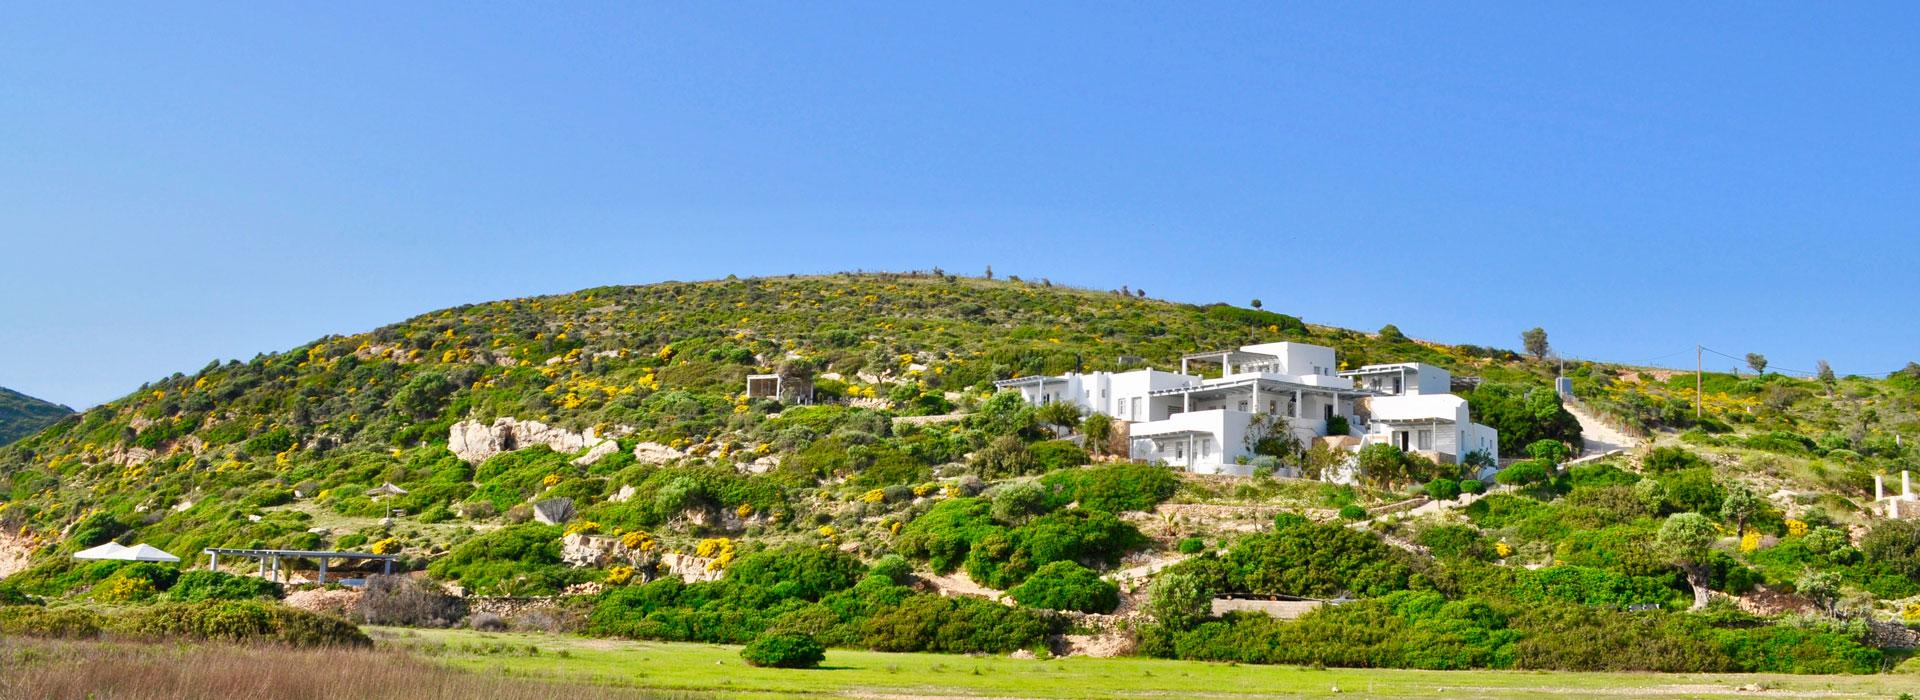 Location maison face à la mer - Lipsi